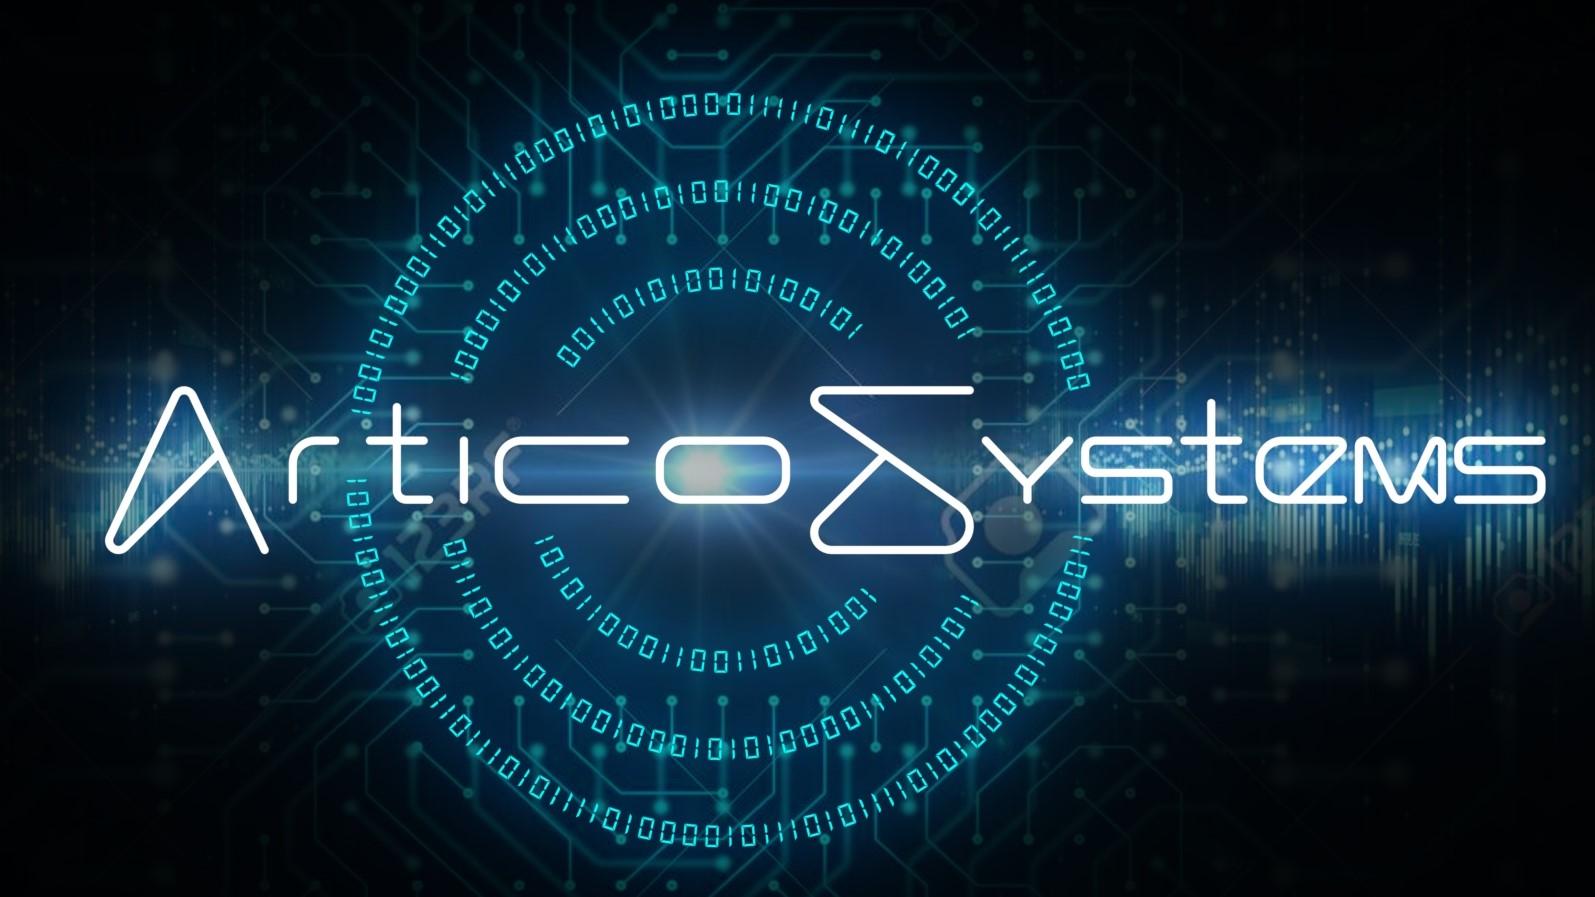 Artico Systems LLC